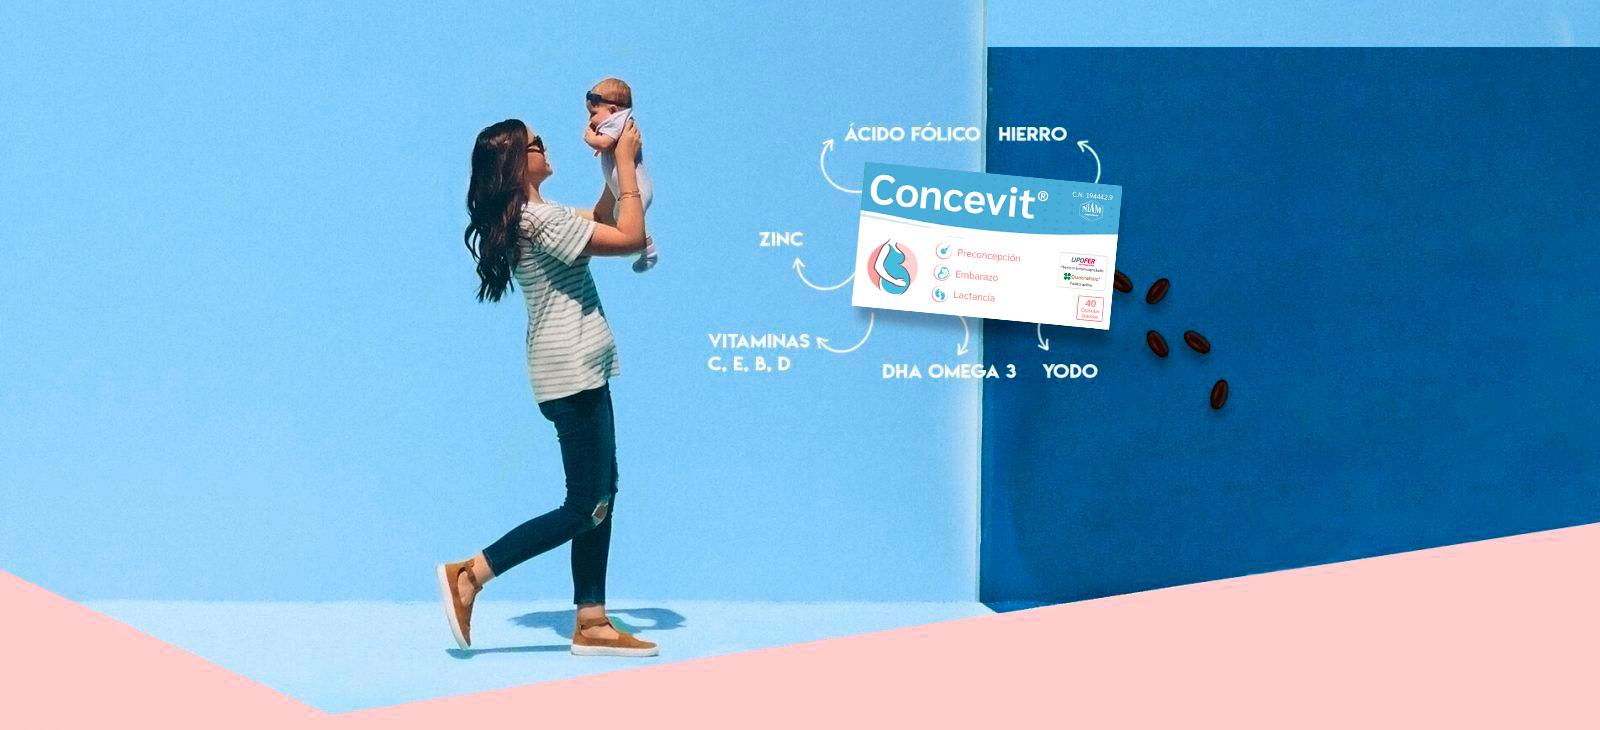 Concevit, complemento alimenticio para el embarazo